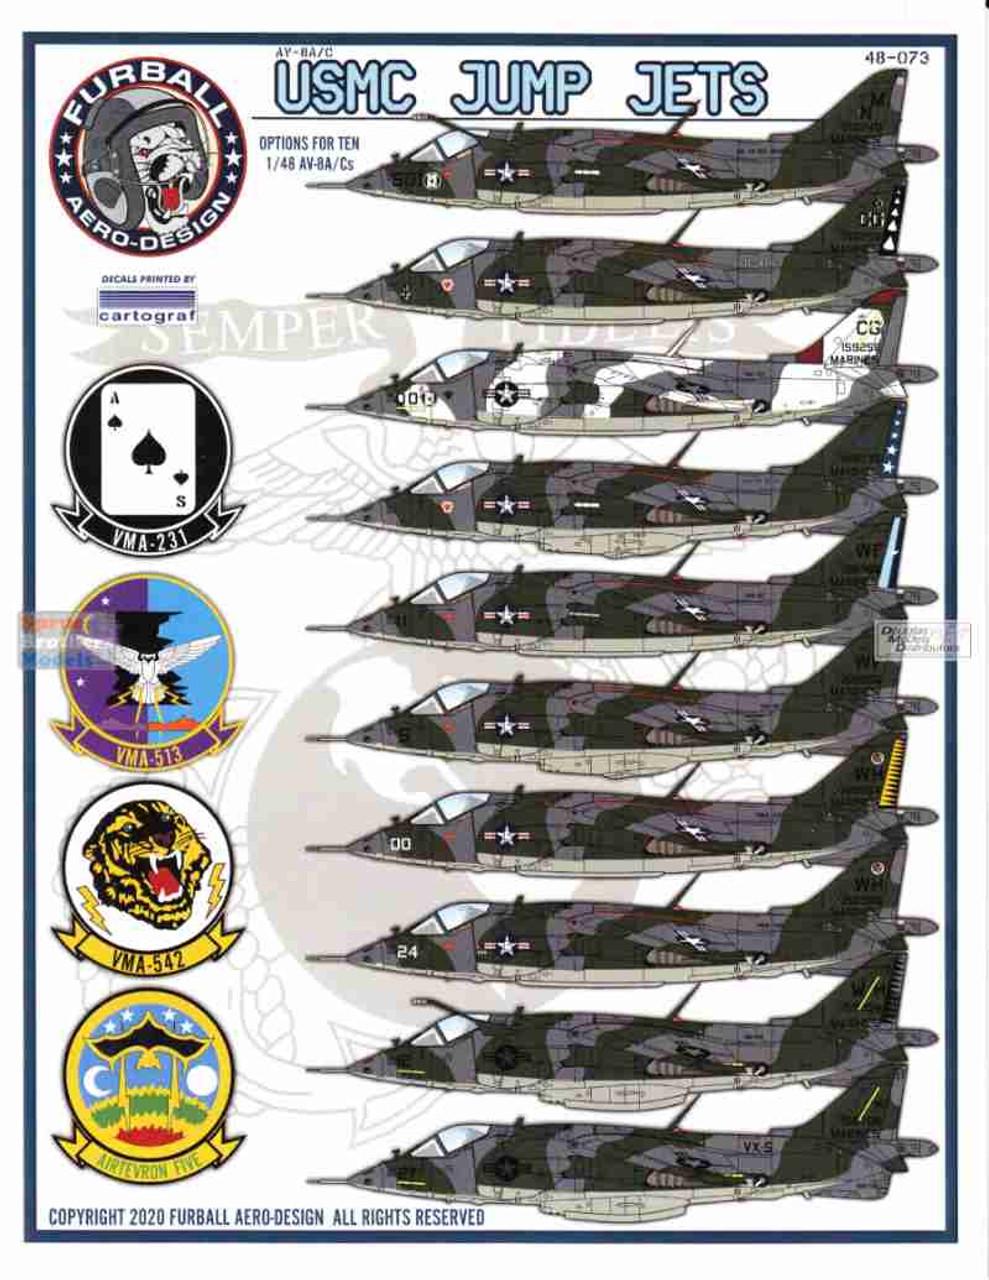 FUR48073 1:48 Furball Aero Design AV-8A AV-8C Harrier 'USMC Jump Jets'